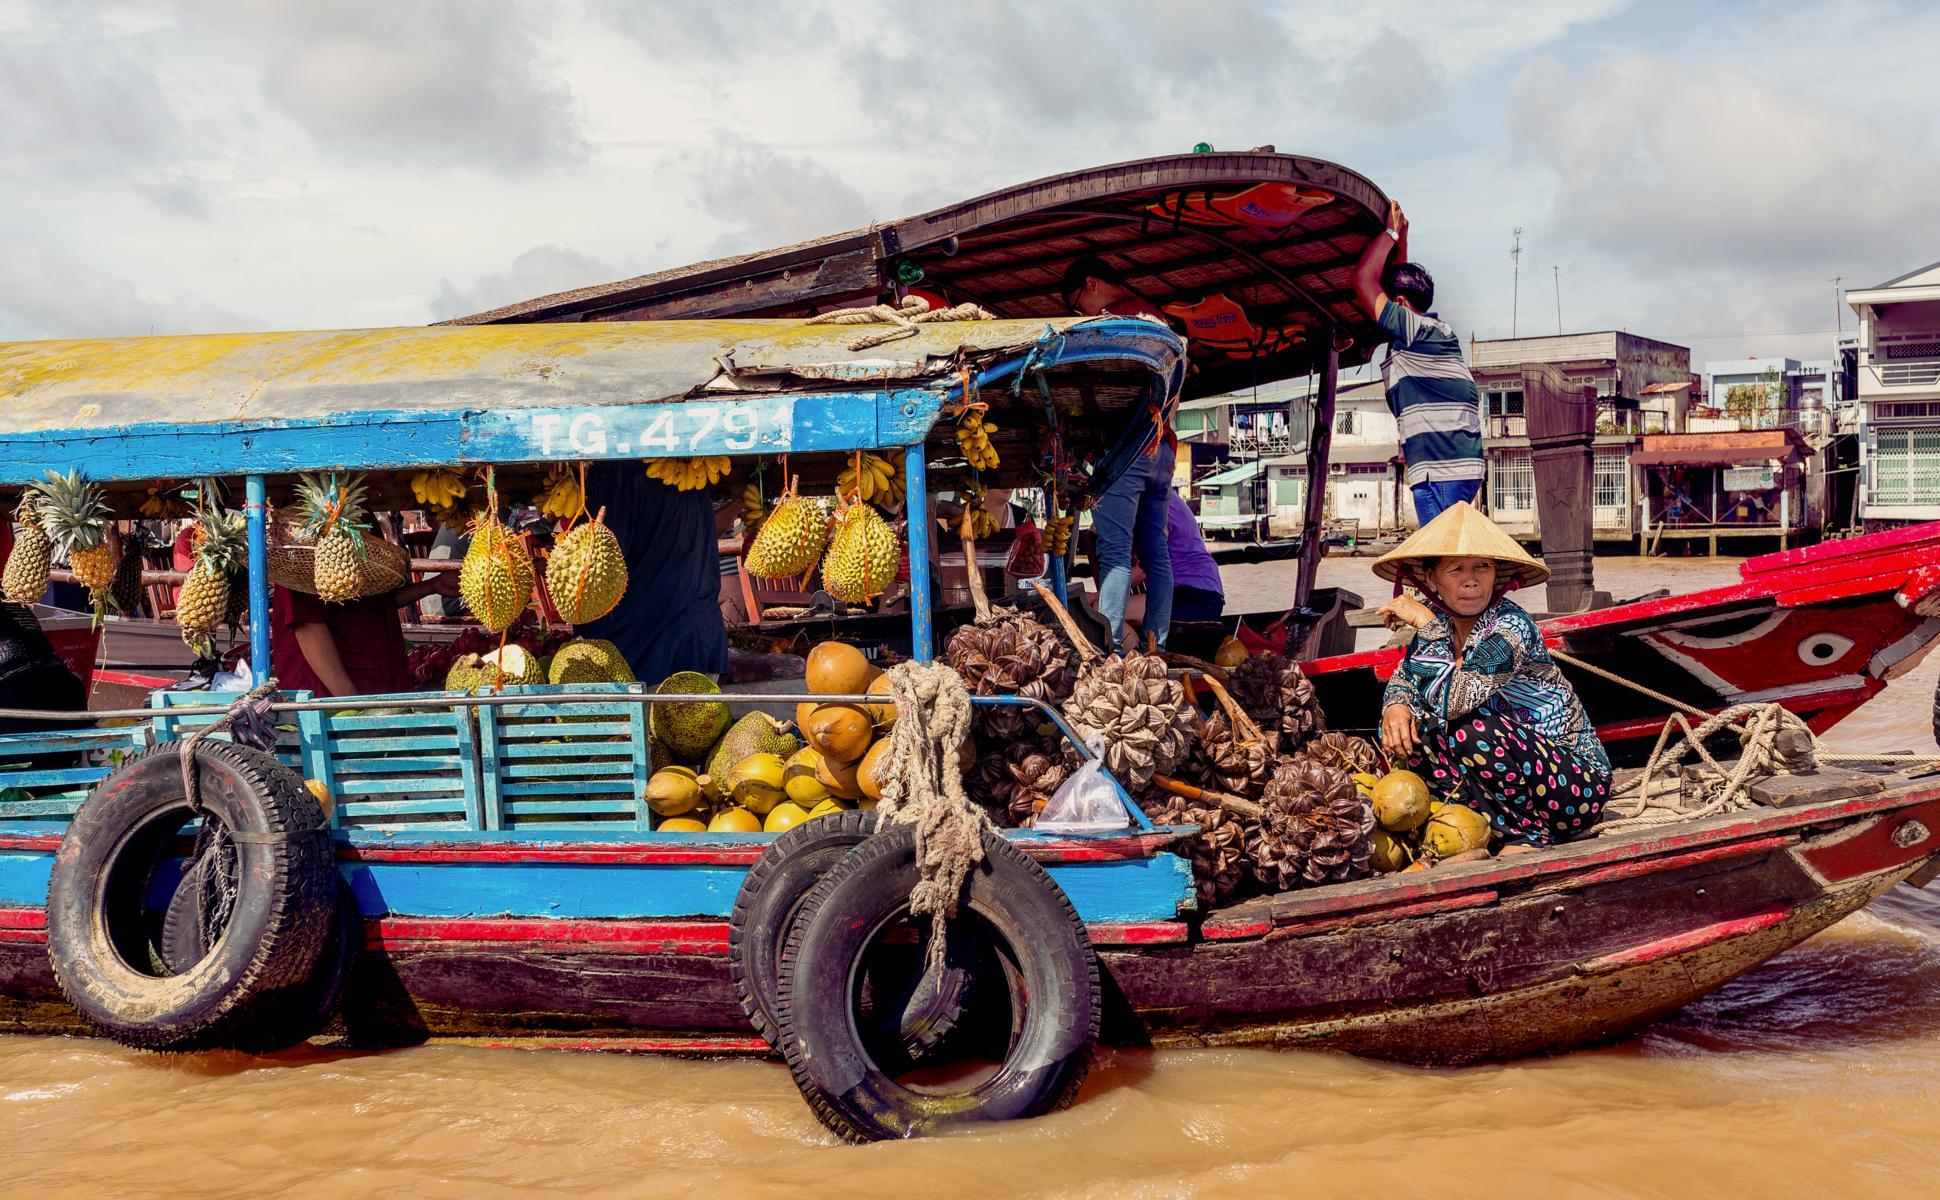 Schwimmender Markt im Mekongdelta in Vietnam